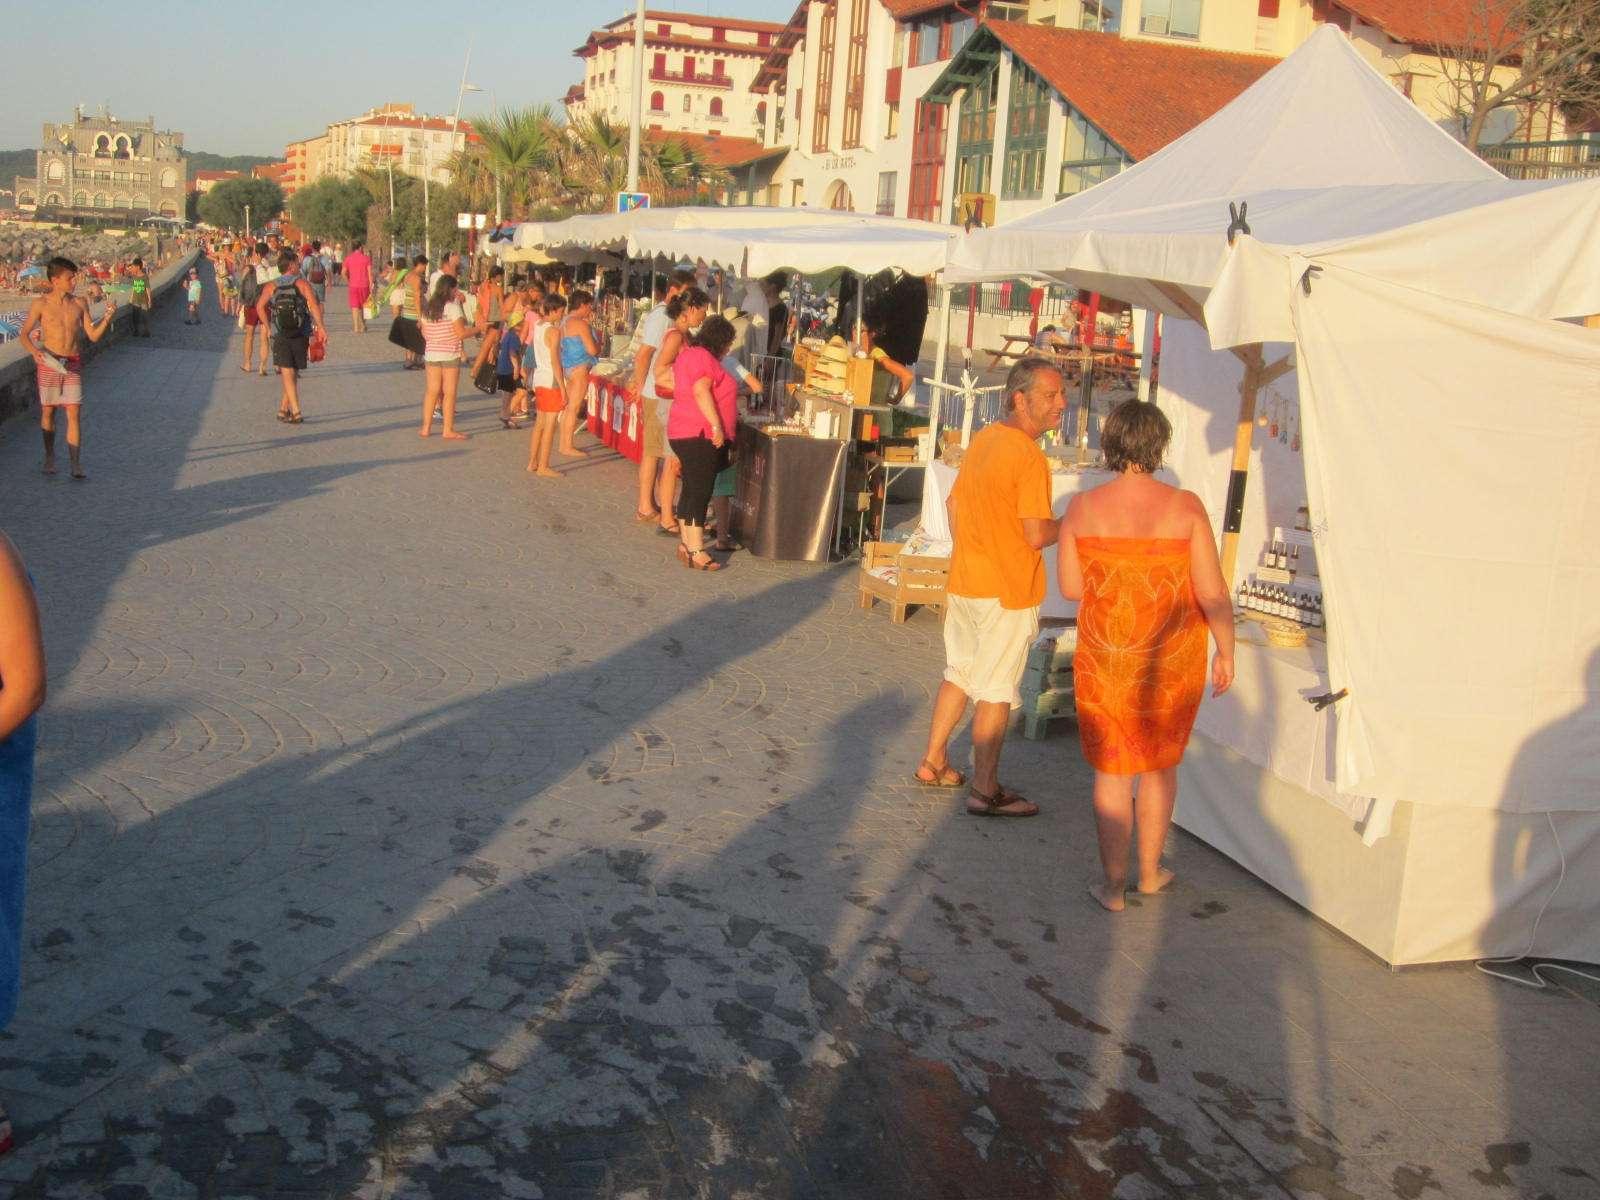 mercado_artesanal_nocturno_hendaia